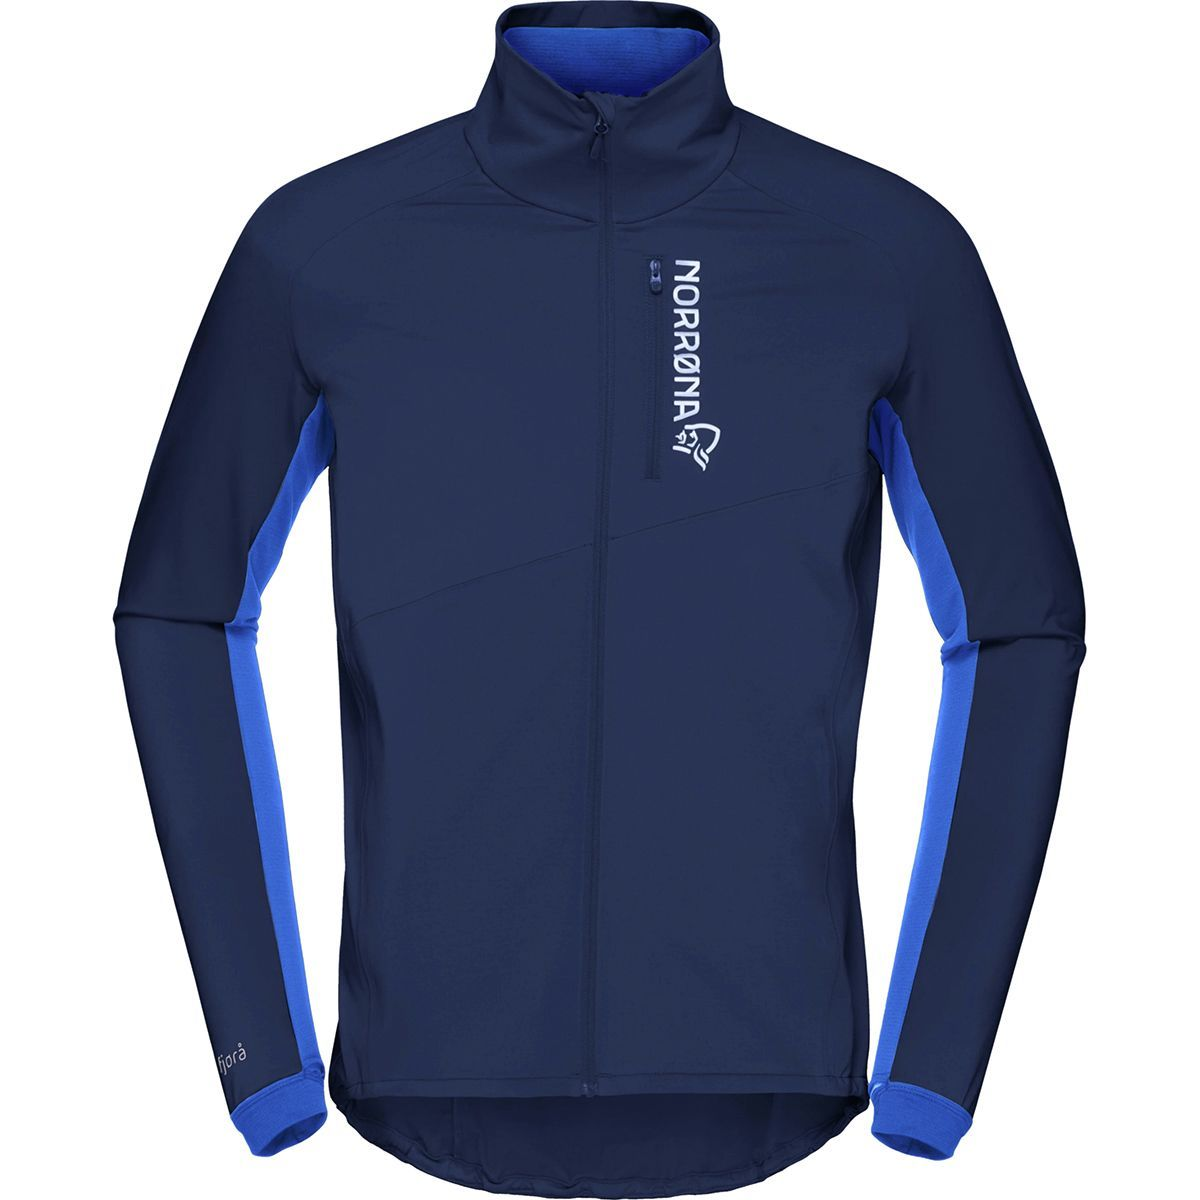 Norrona Fjora Warmflex1 Jacket - Men's